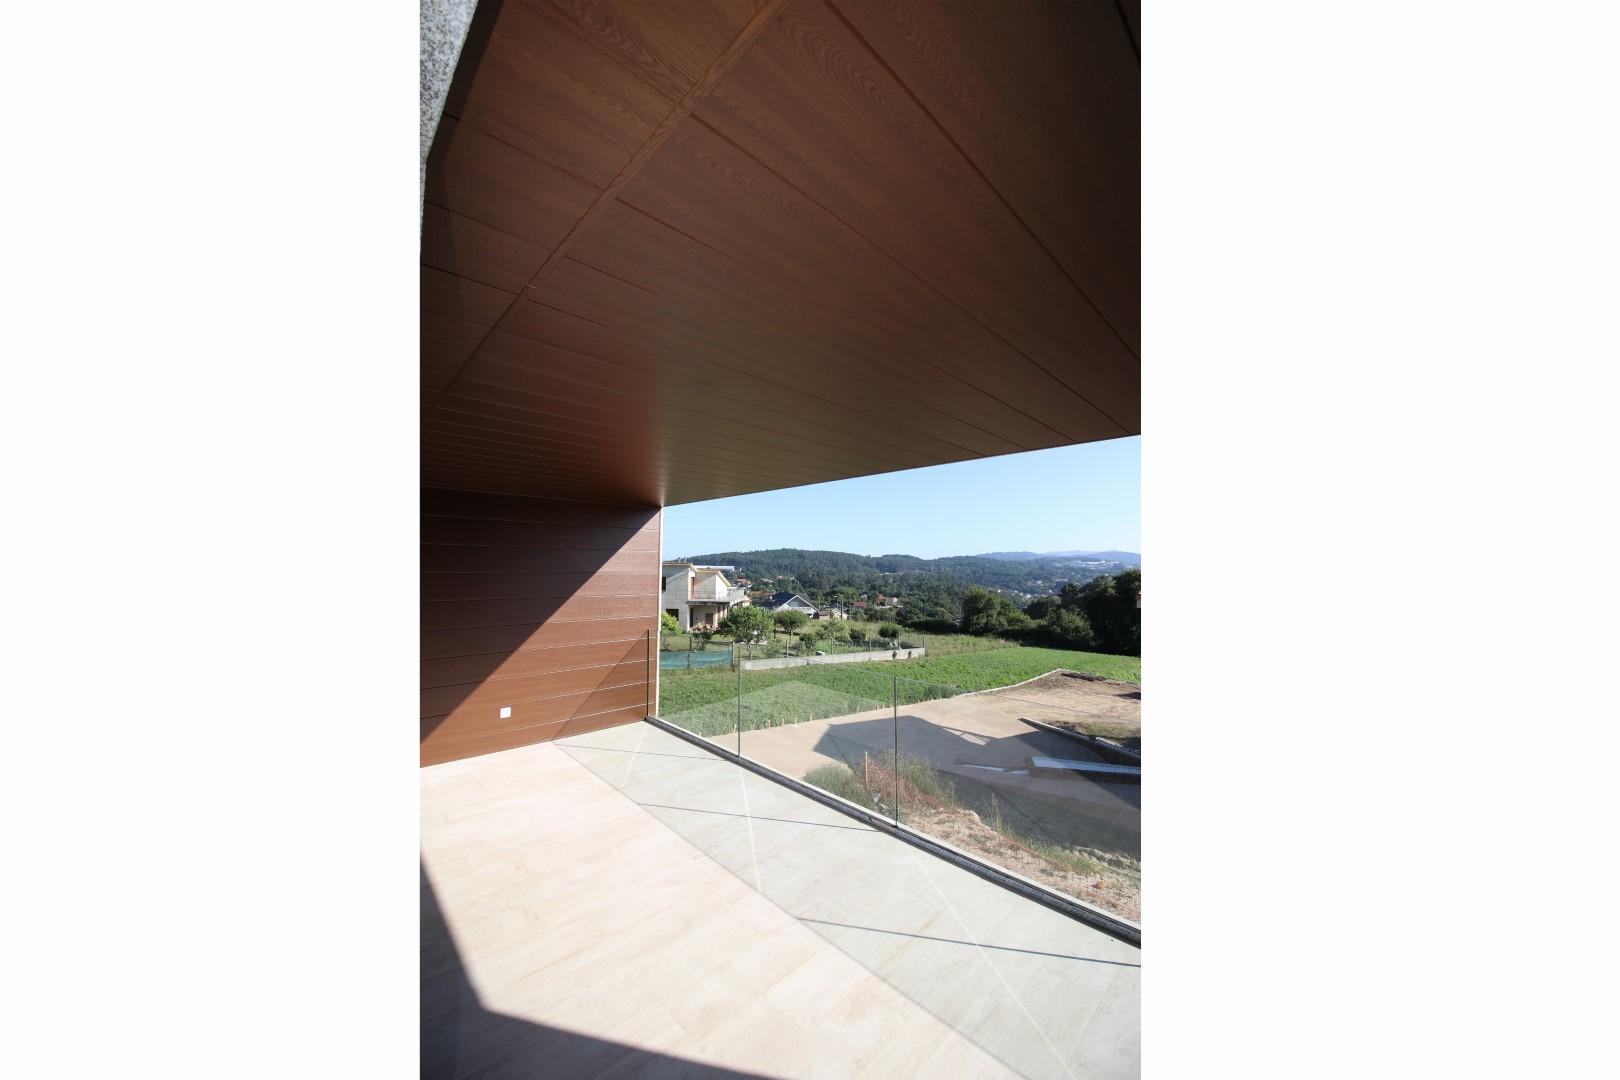 Vivienda Unifamiliar en Vigo diseñada por nam arquitectos. Estudio de arquitectura. Proyecto vivienda.